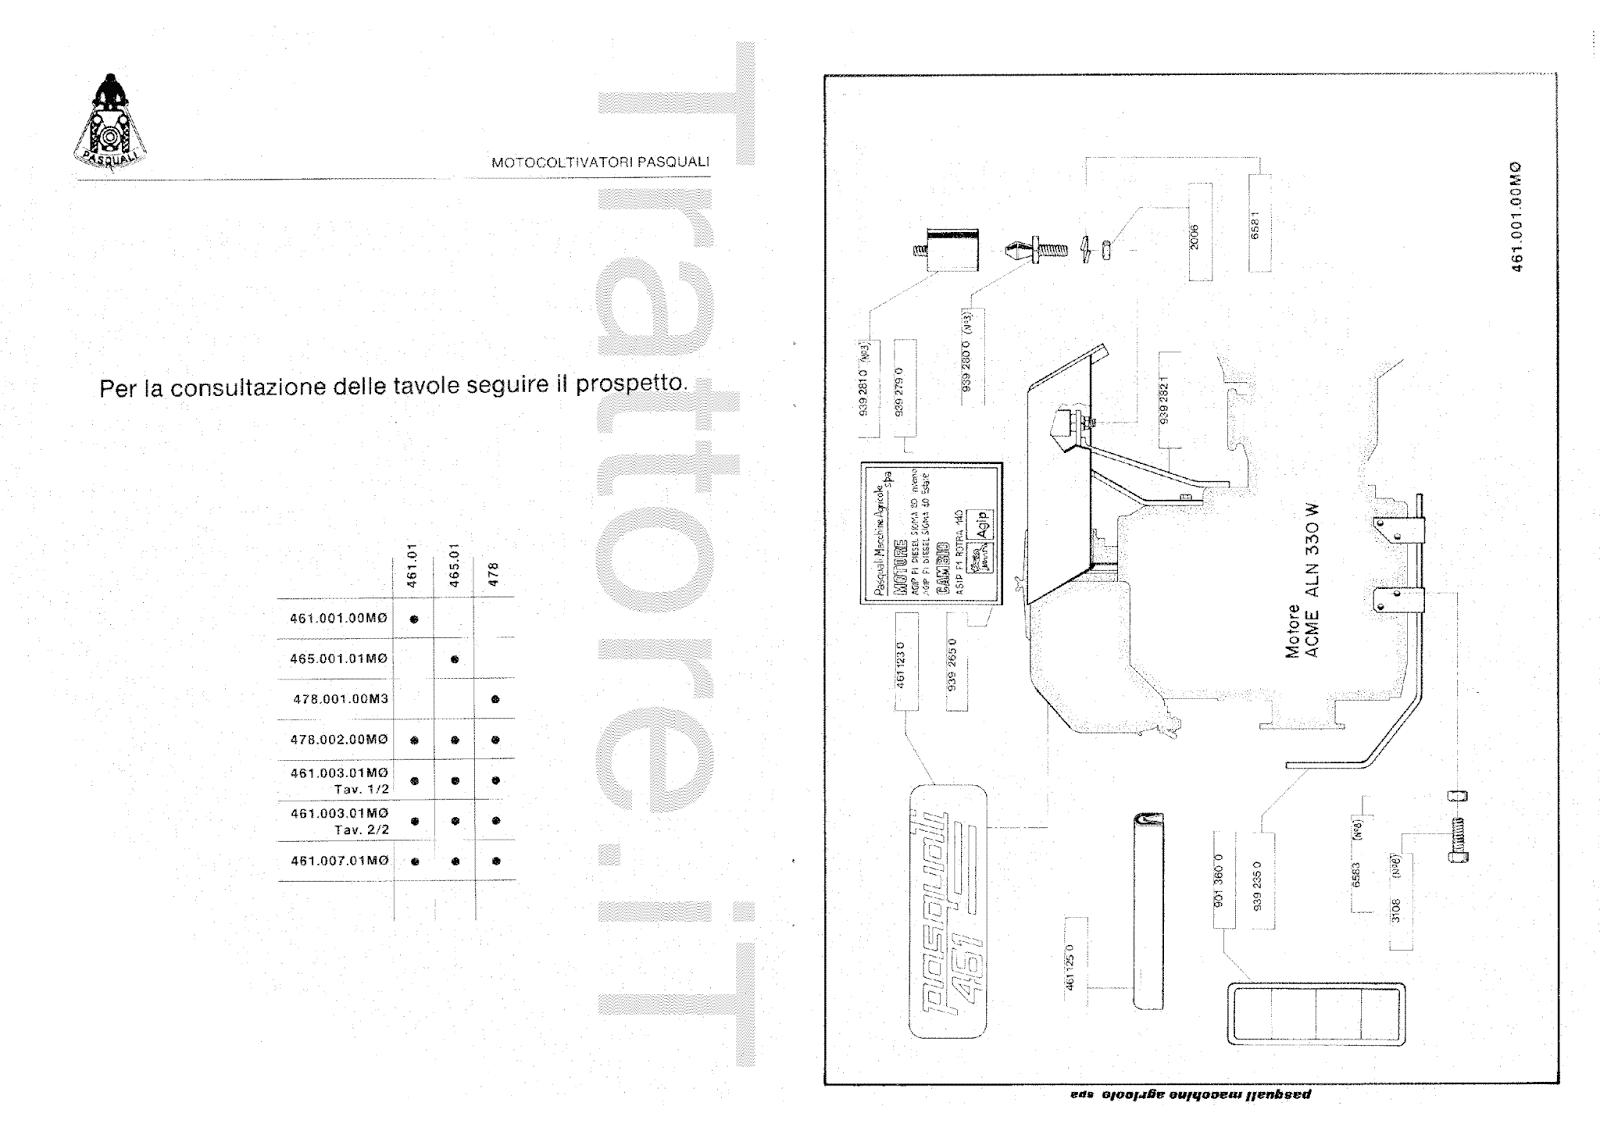 InfoTrattore.it: Motocoltivatore Pasquali 461 manuale